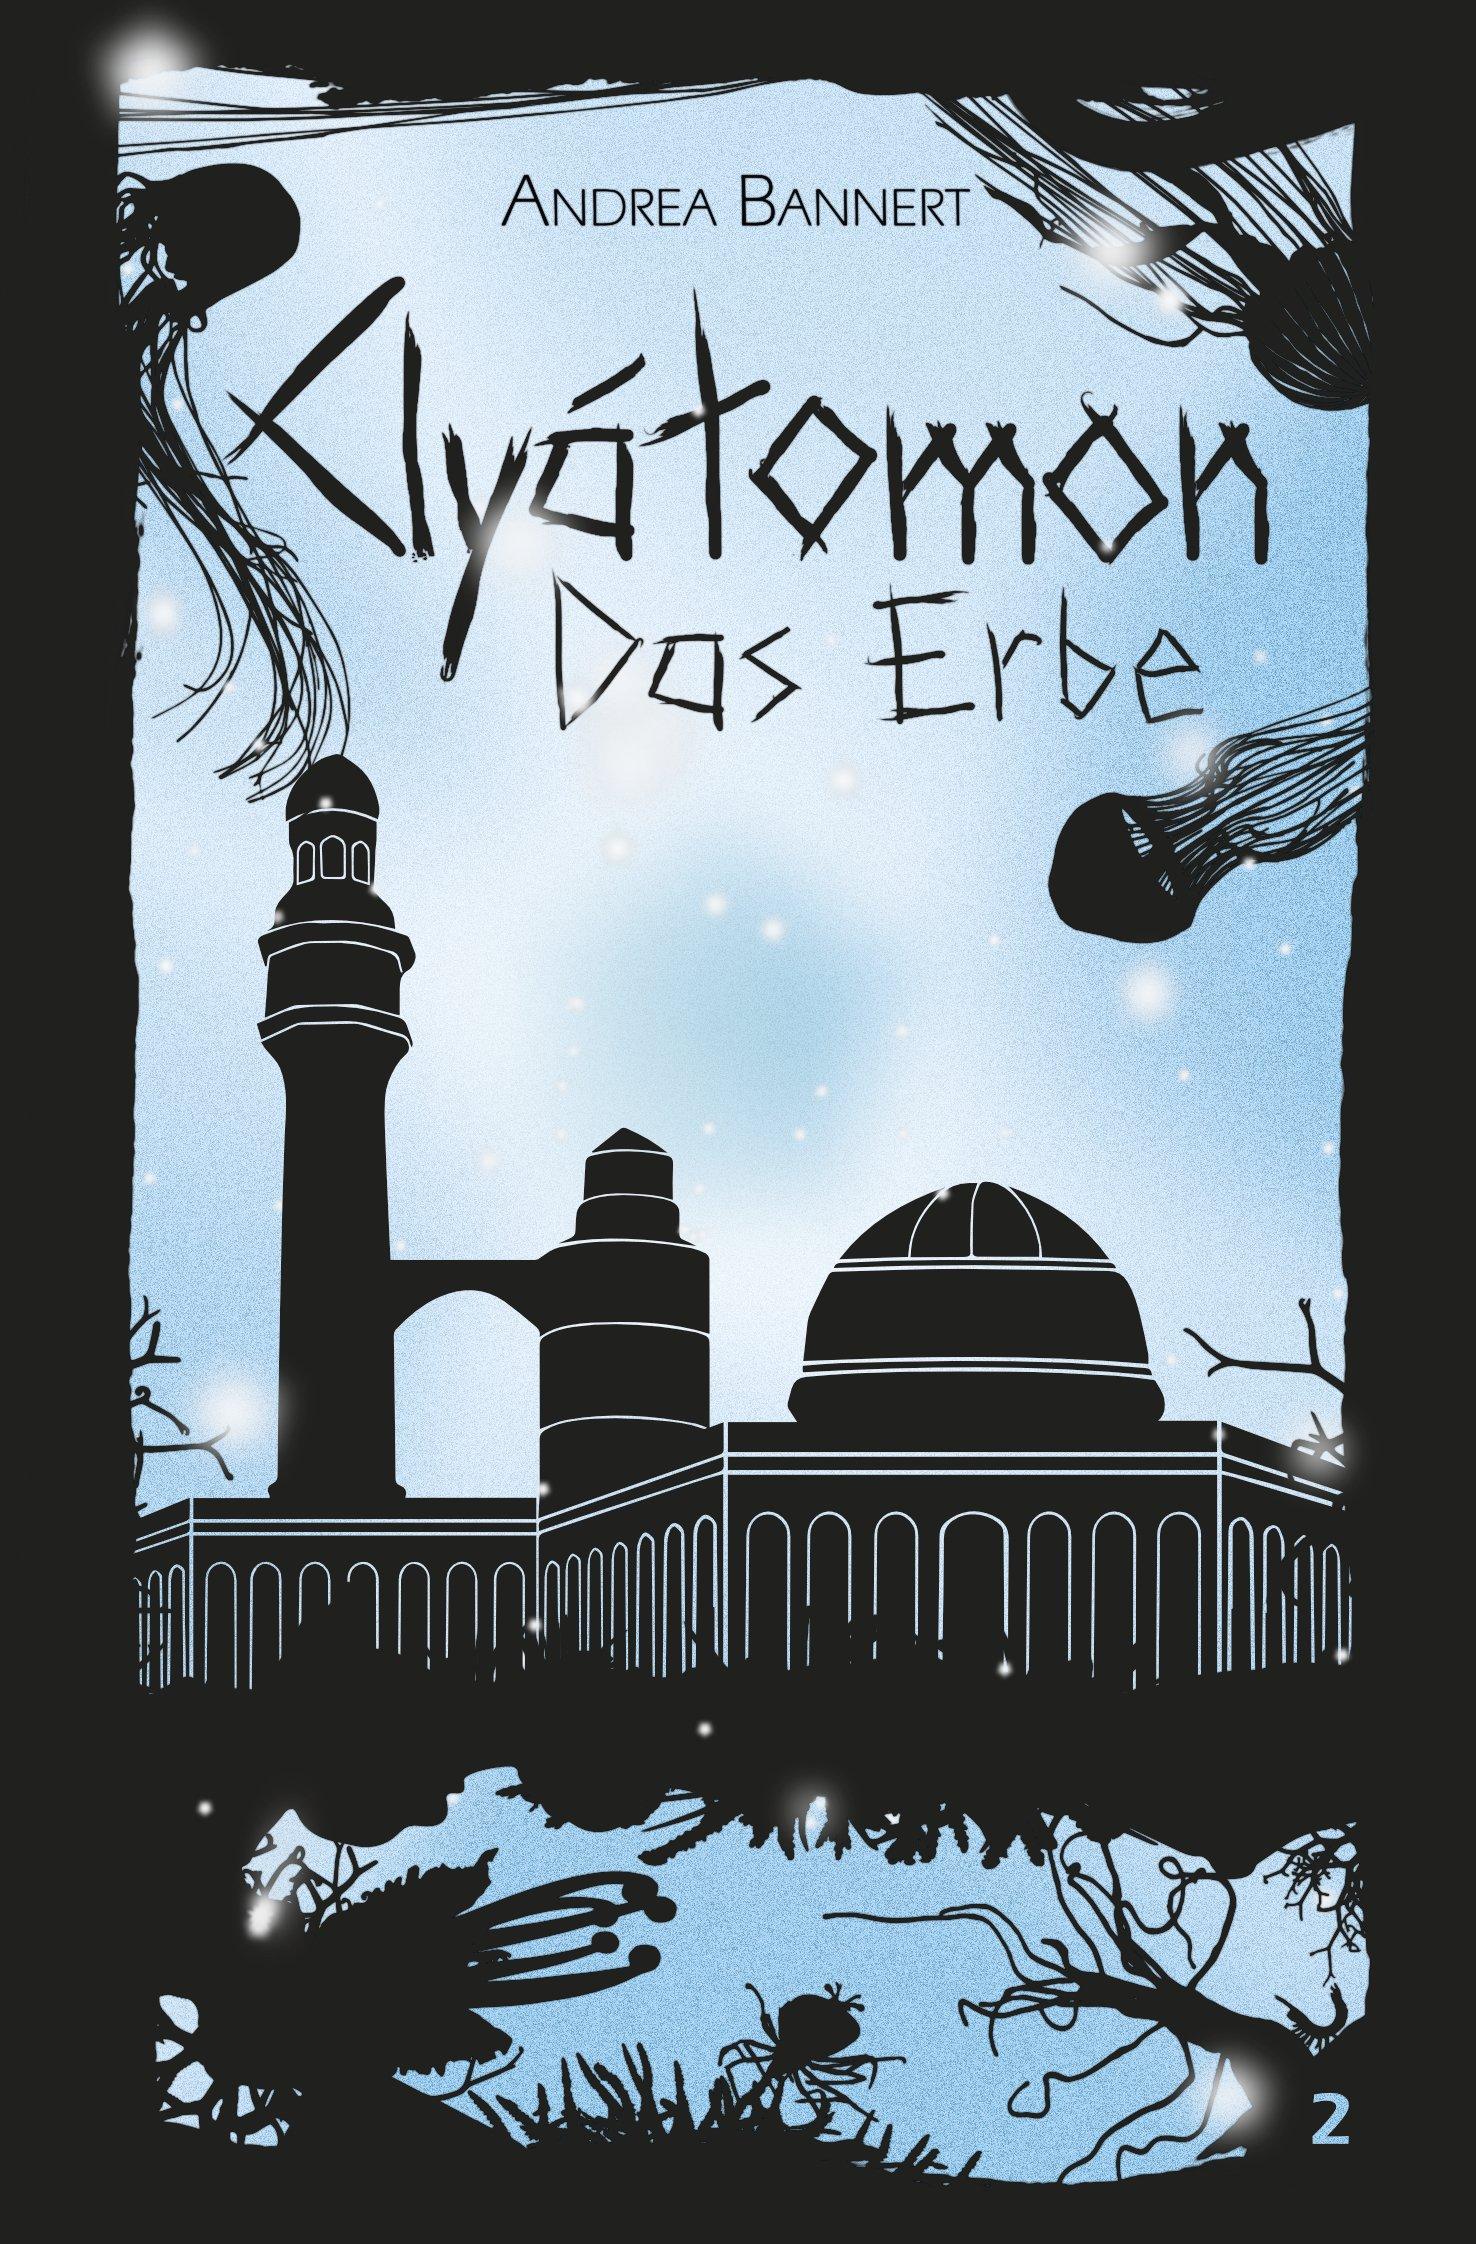 Clyátomon - Das Erbe